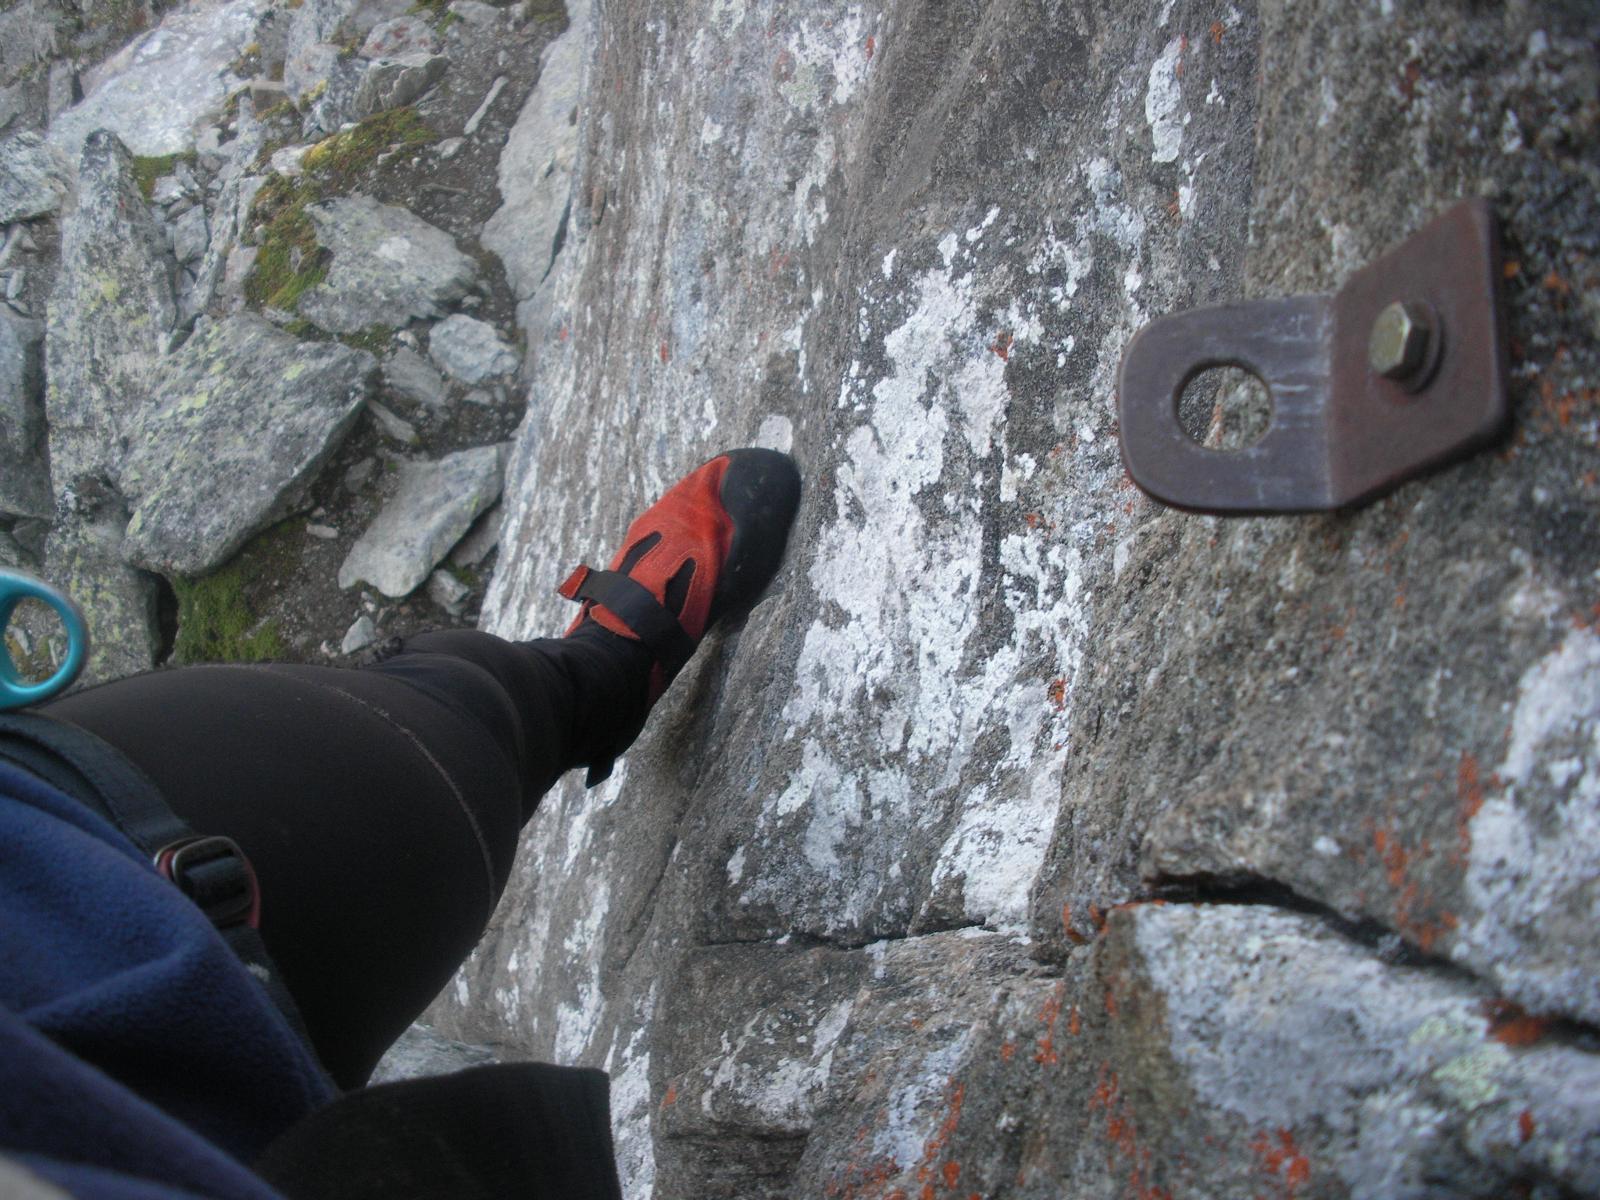 ..in arrampicata libera nel diedro..